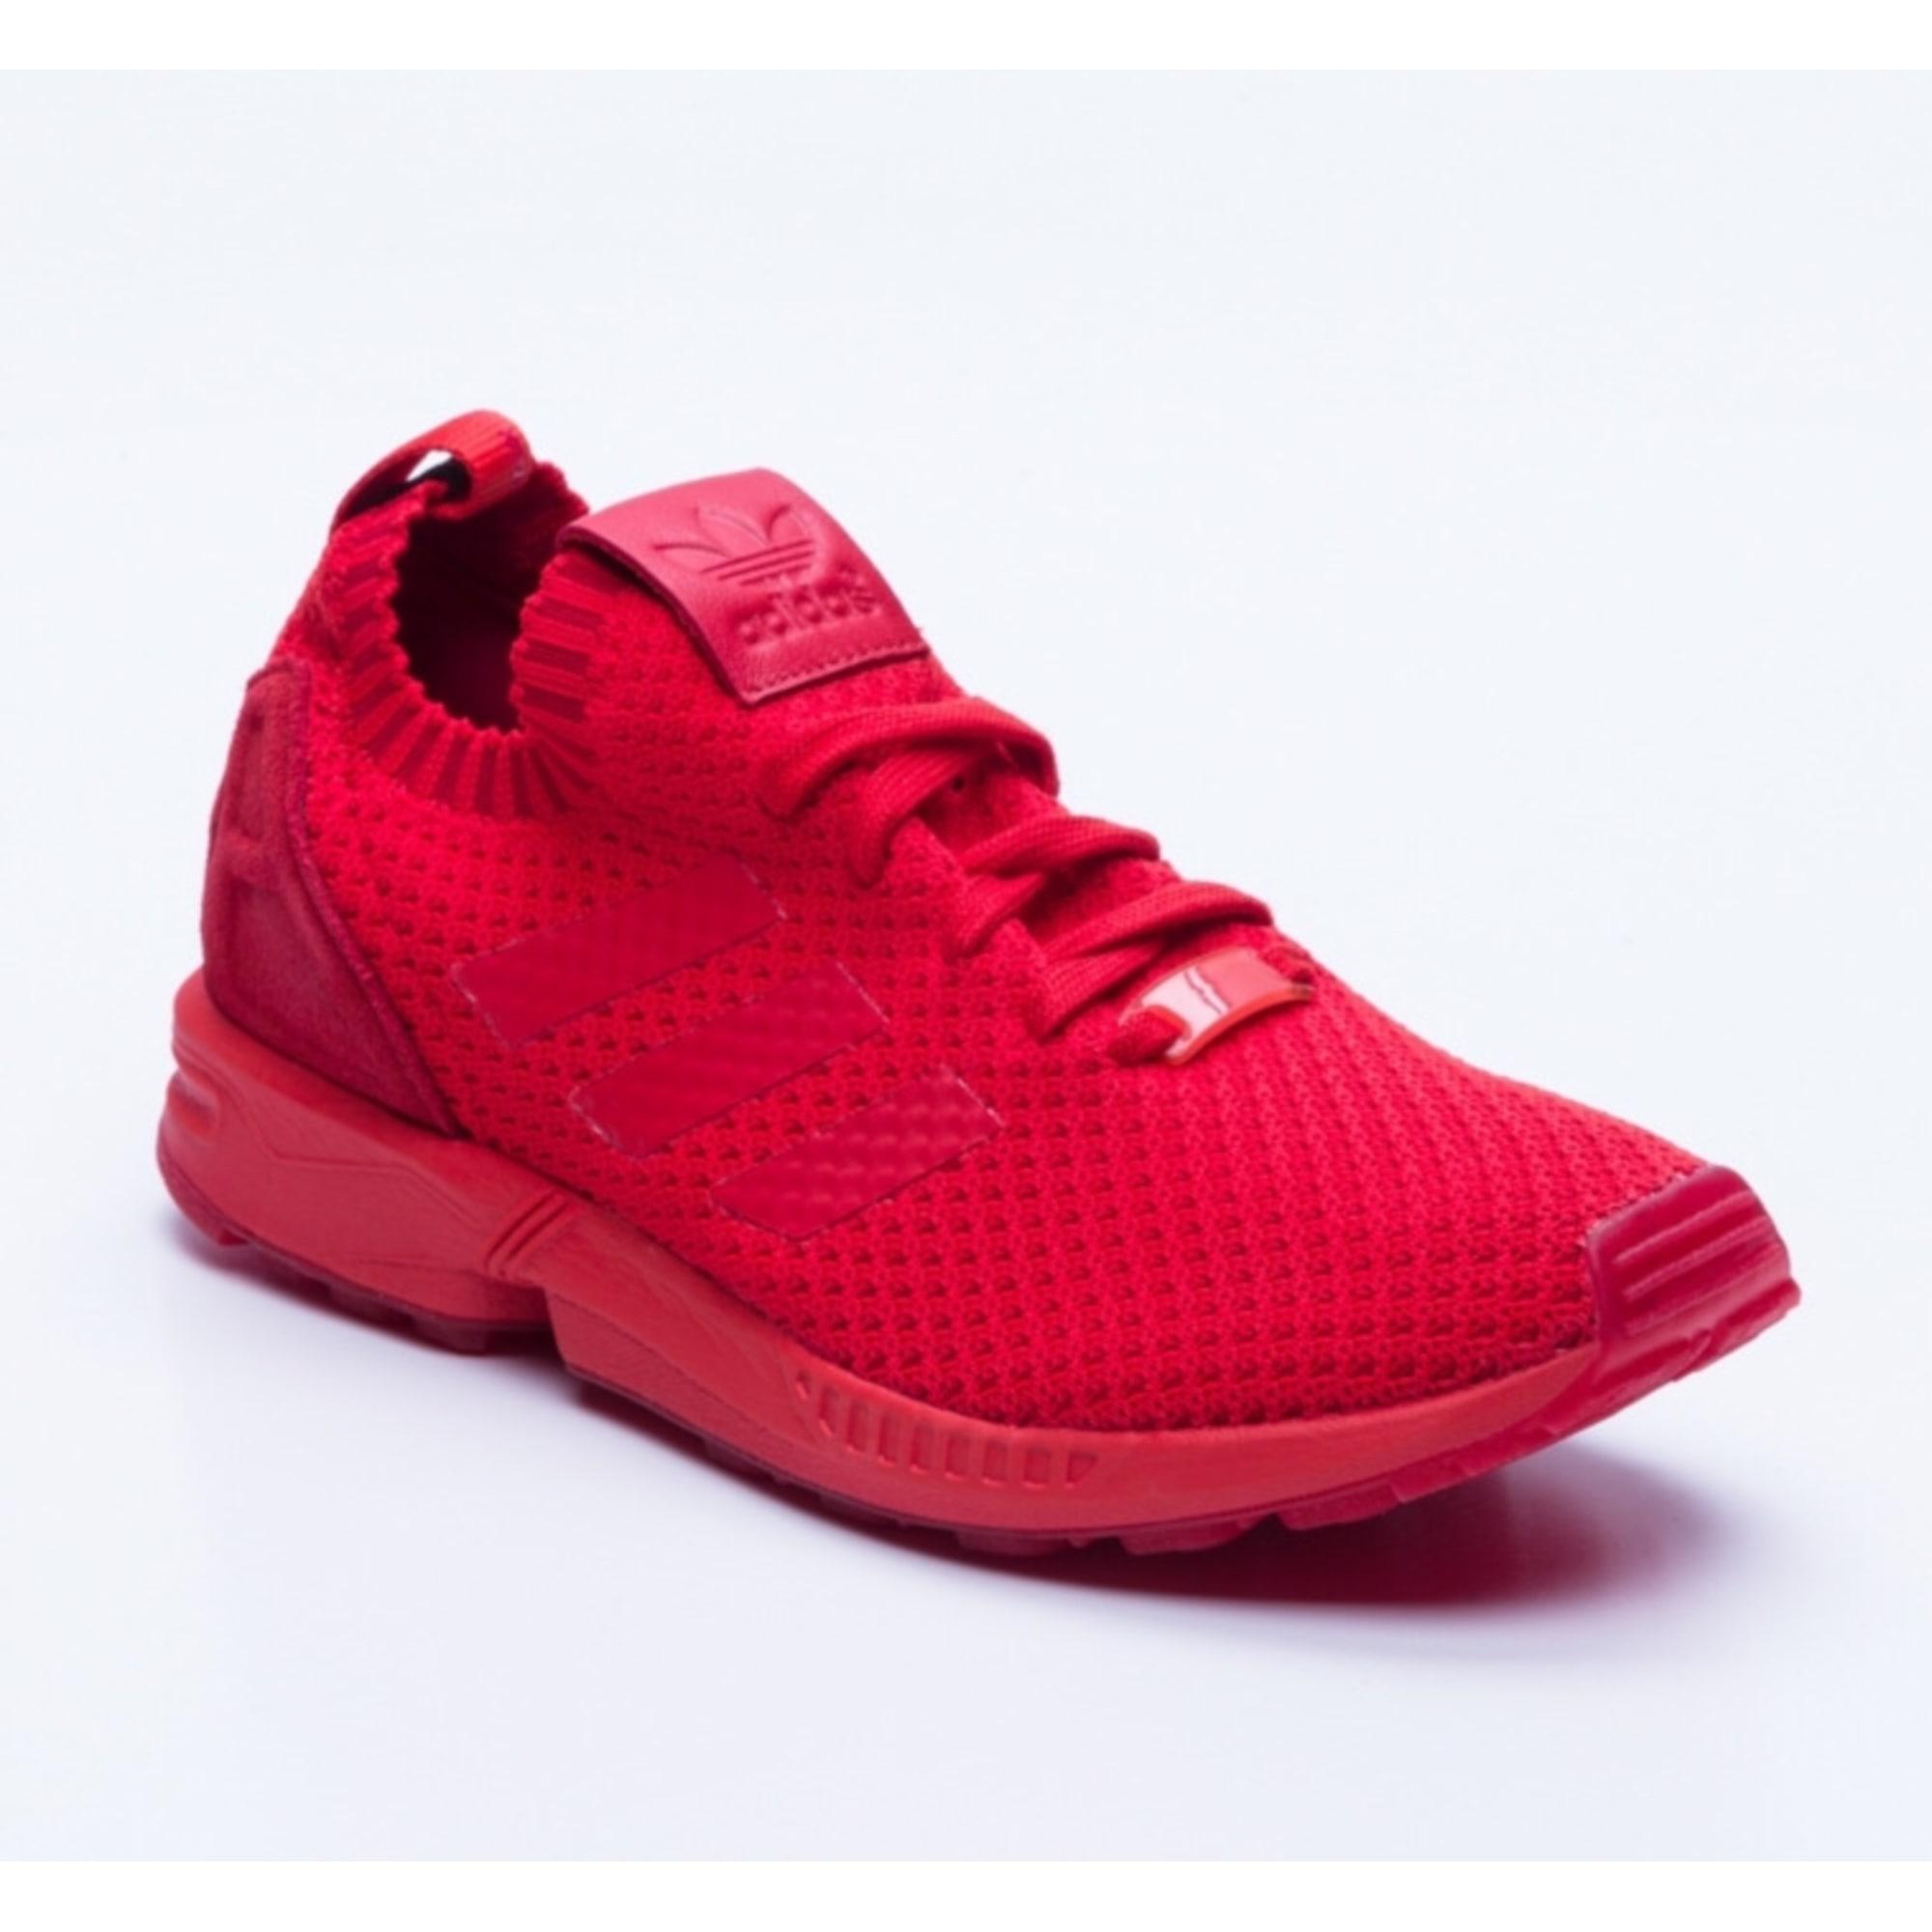 adidas zx flux rouge bordeaux